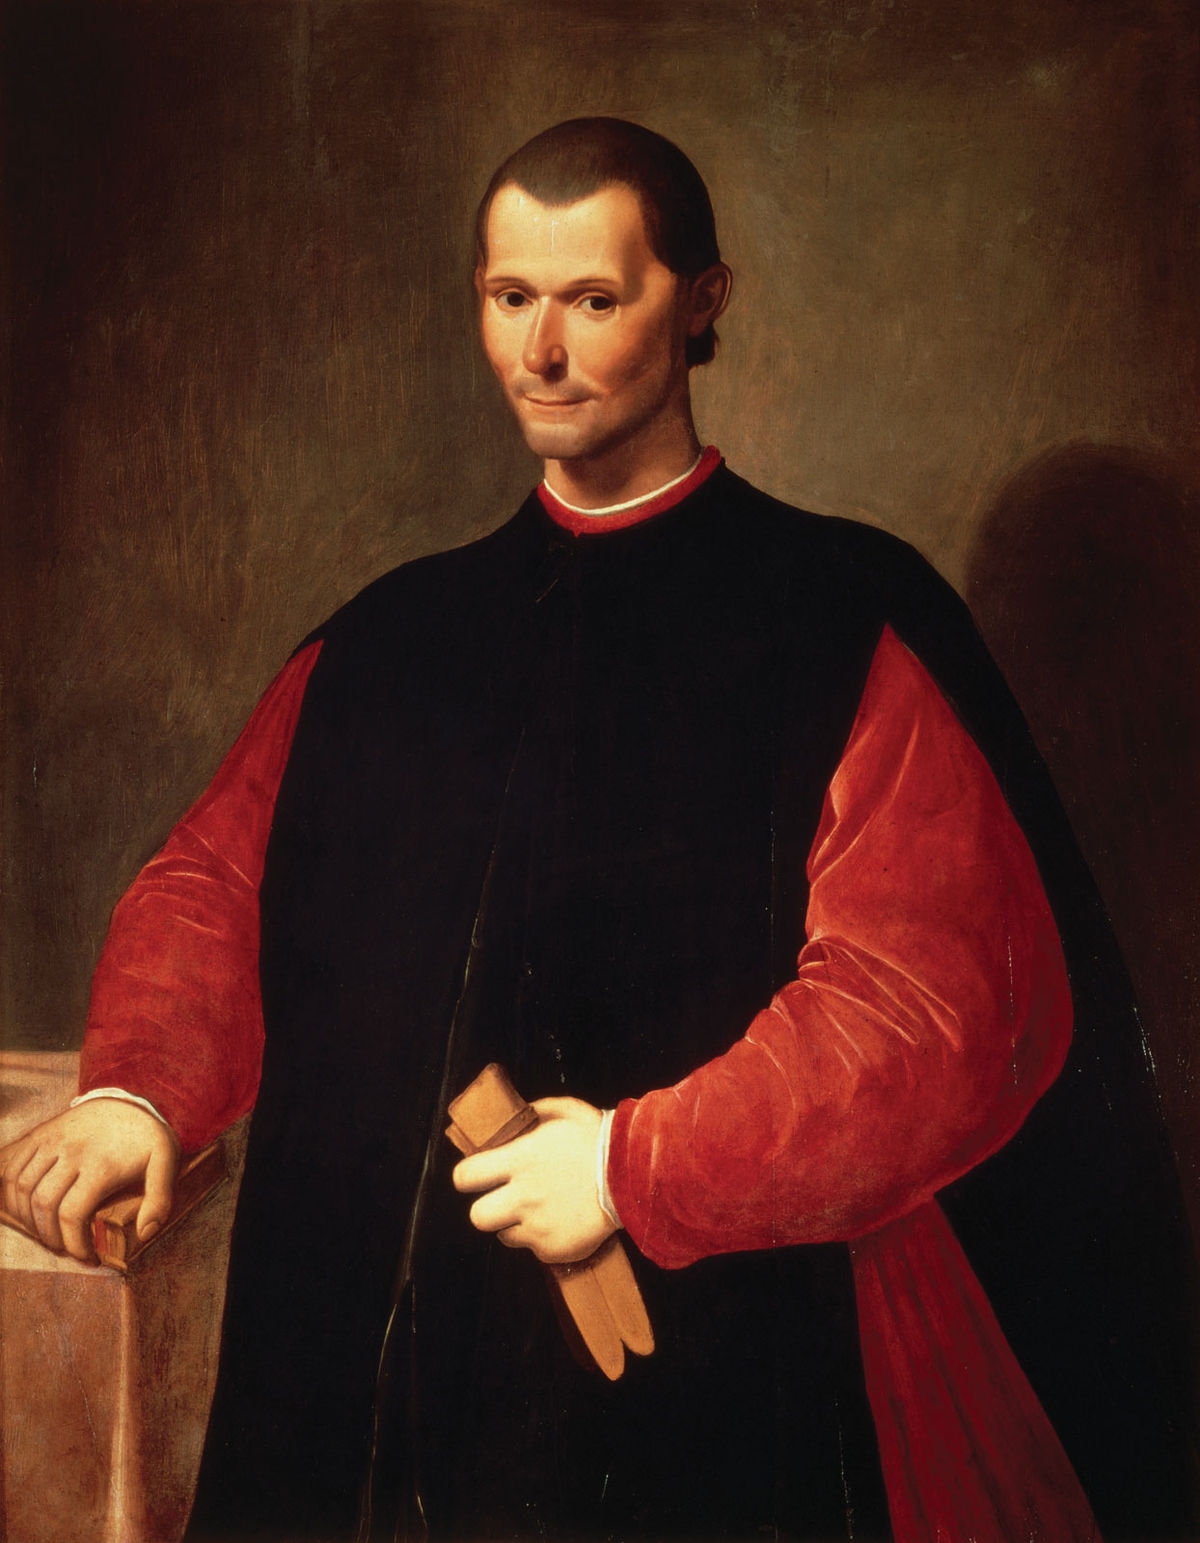 1200px-Portrait_of_Niccolò_Machiavelli_by_Santi_di_Tito